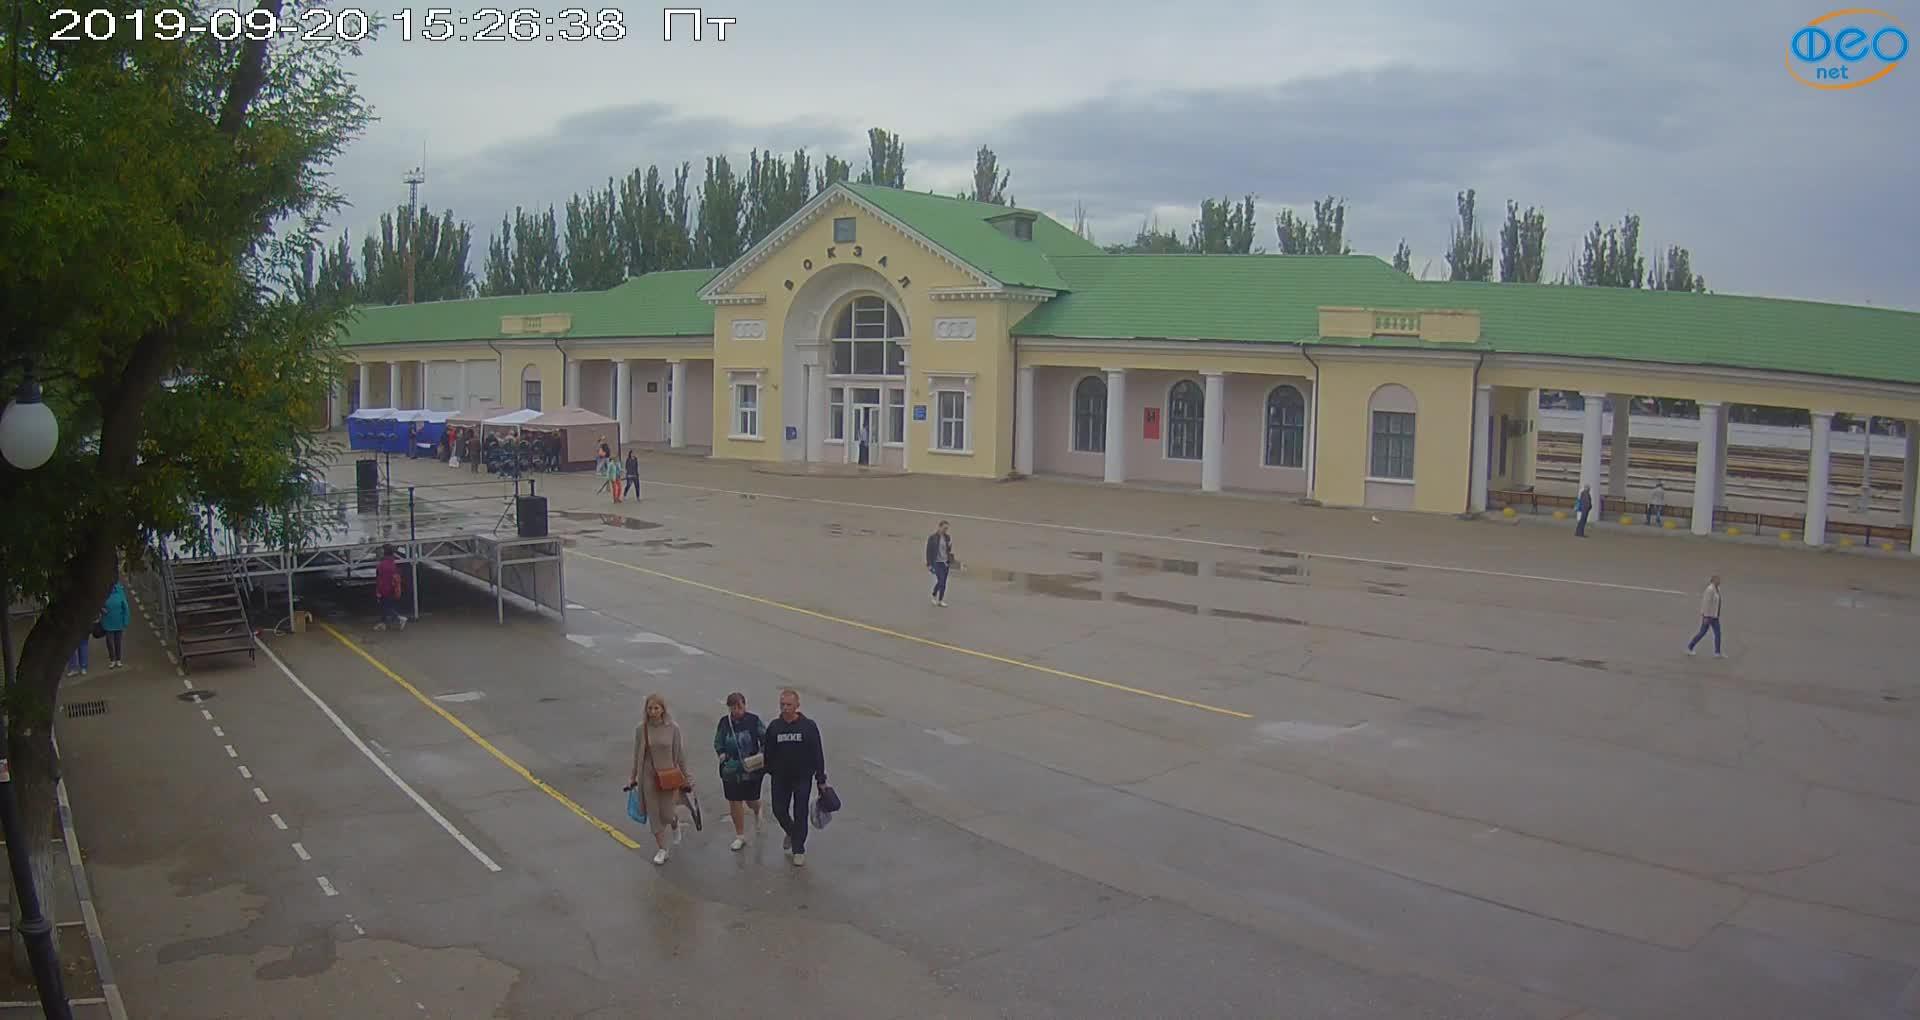 Веб-камеры Феодосии, Привокзальная площадь, 2019-09-20 15:43:12